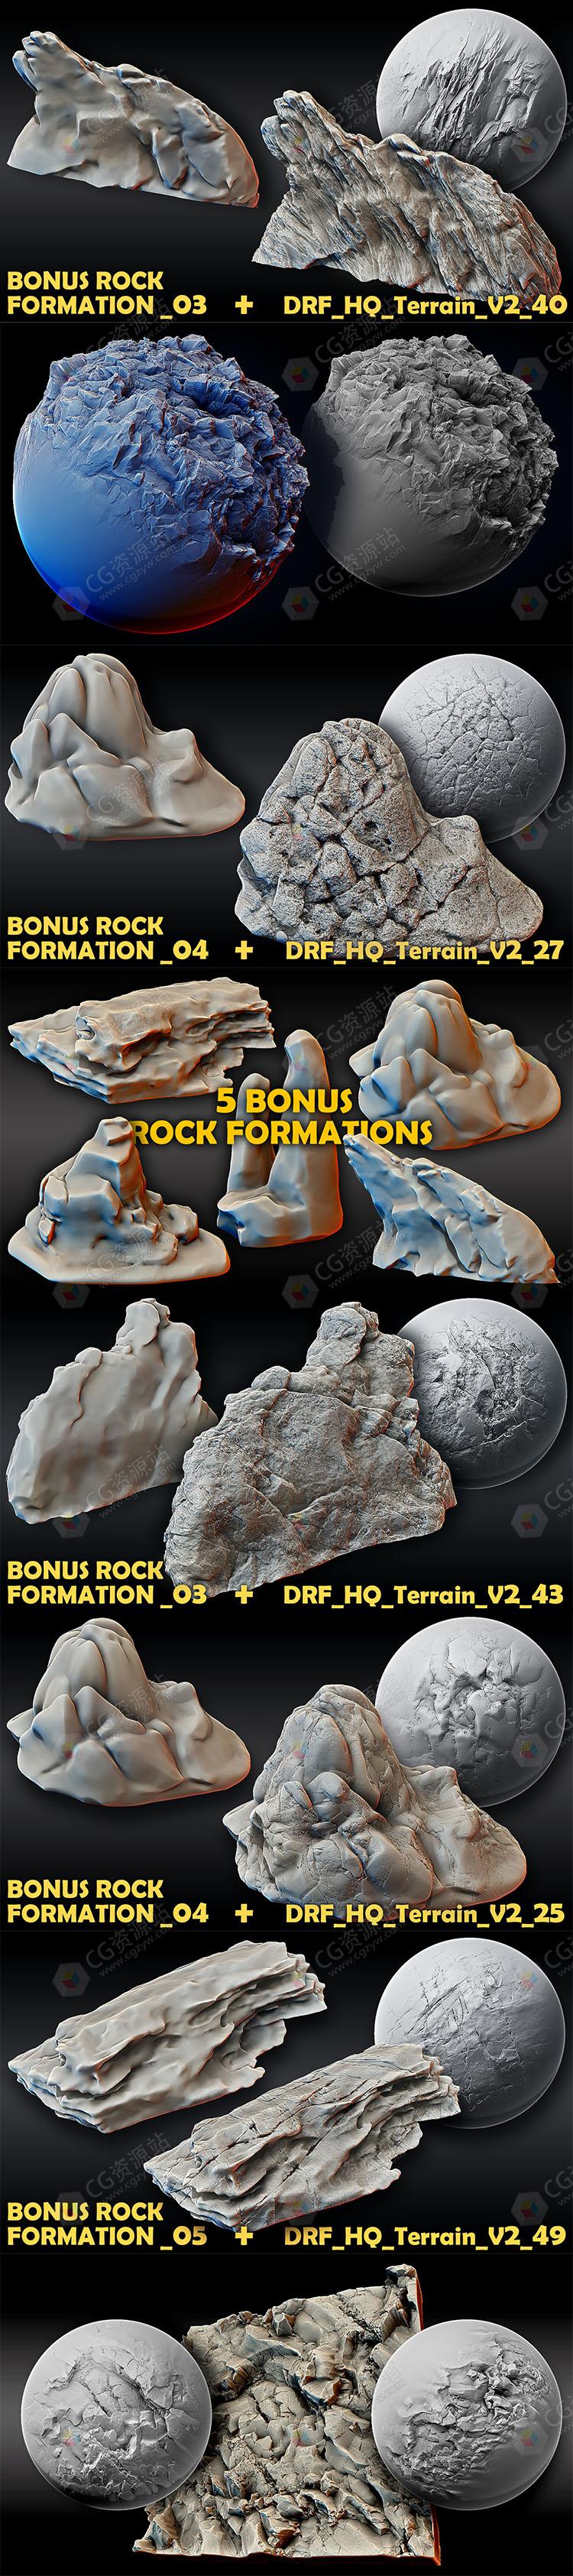 600组地形表面雕刻细节深度贴图Alpha纹理和Zbrush笔刷合集